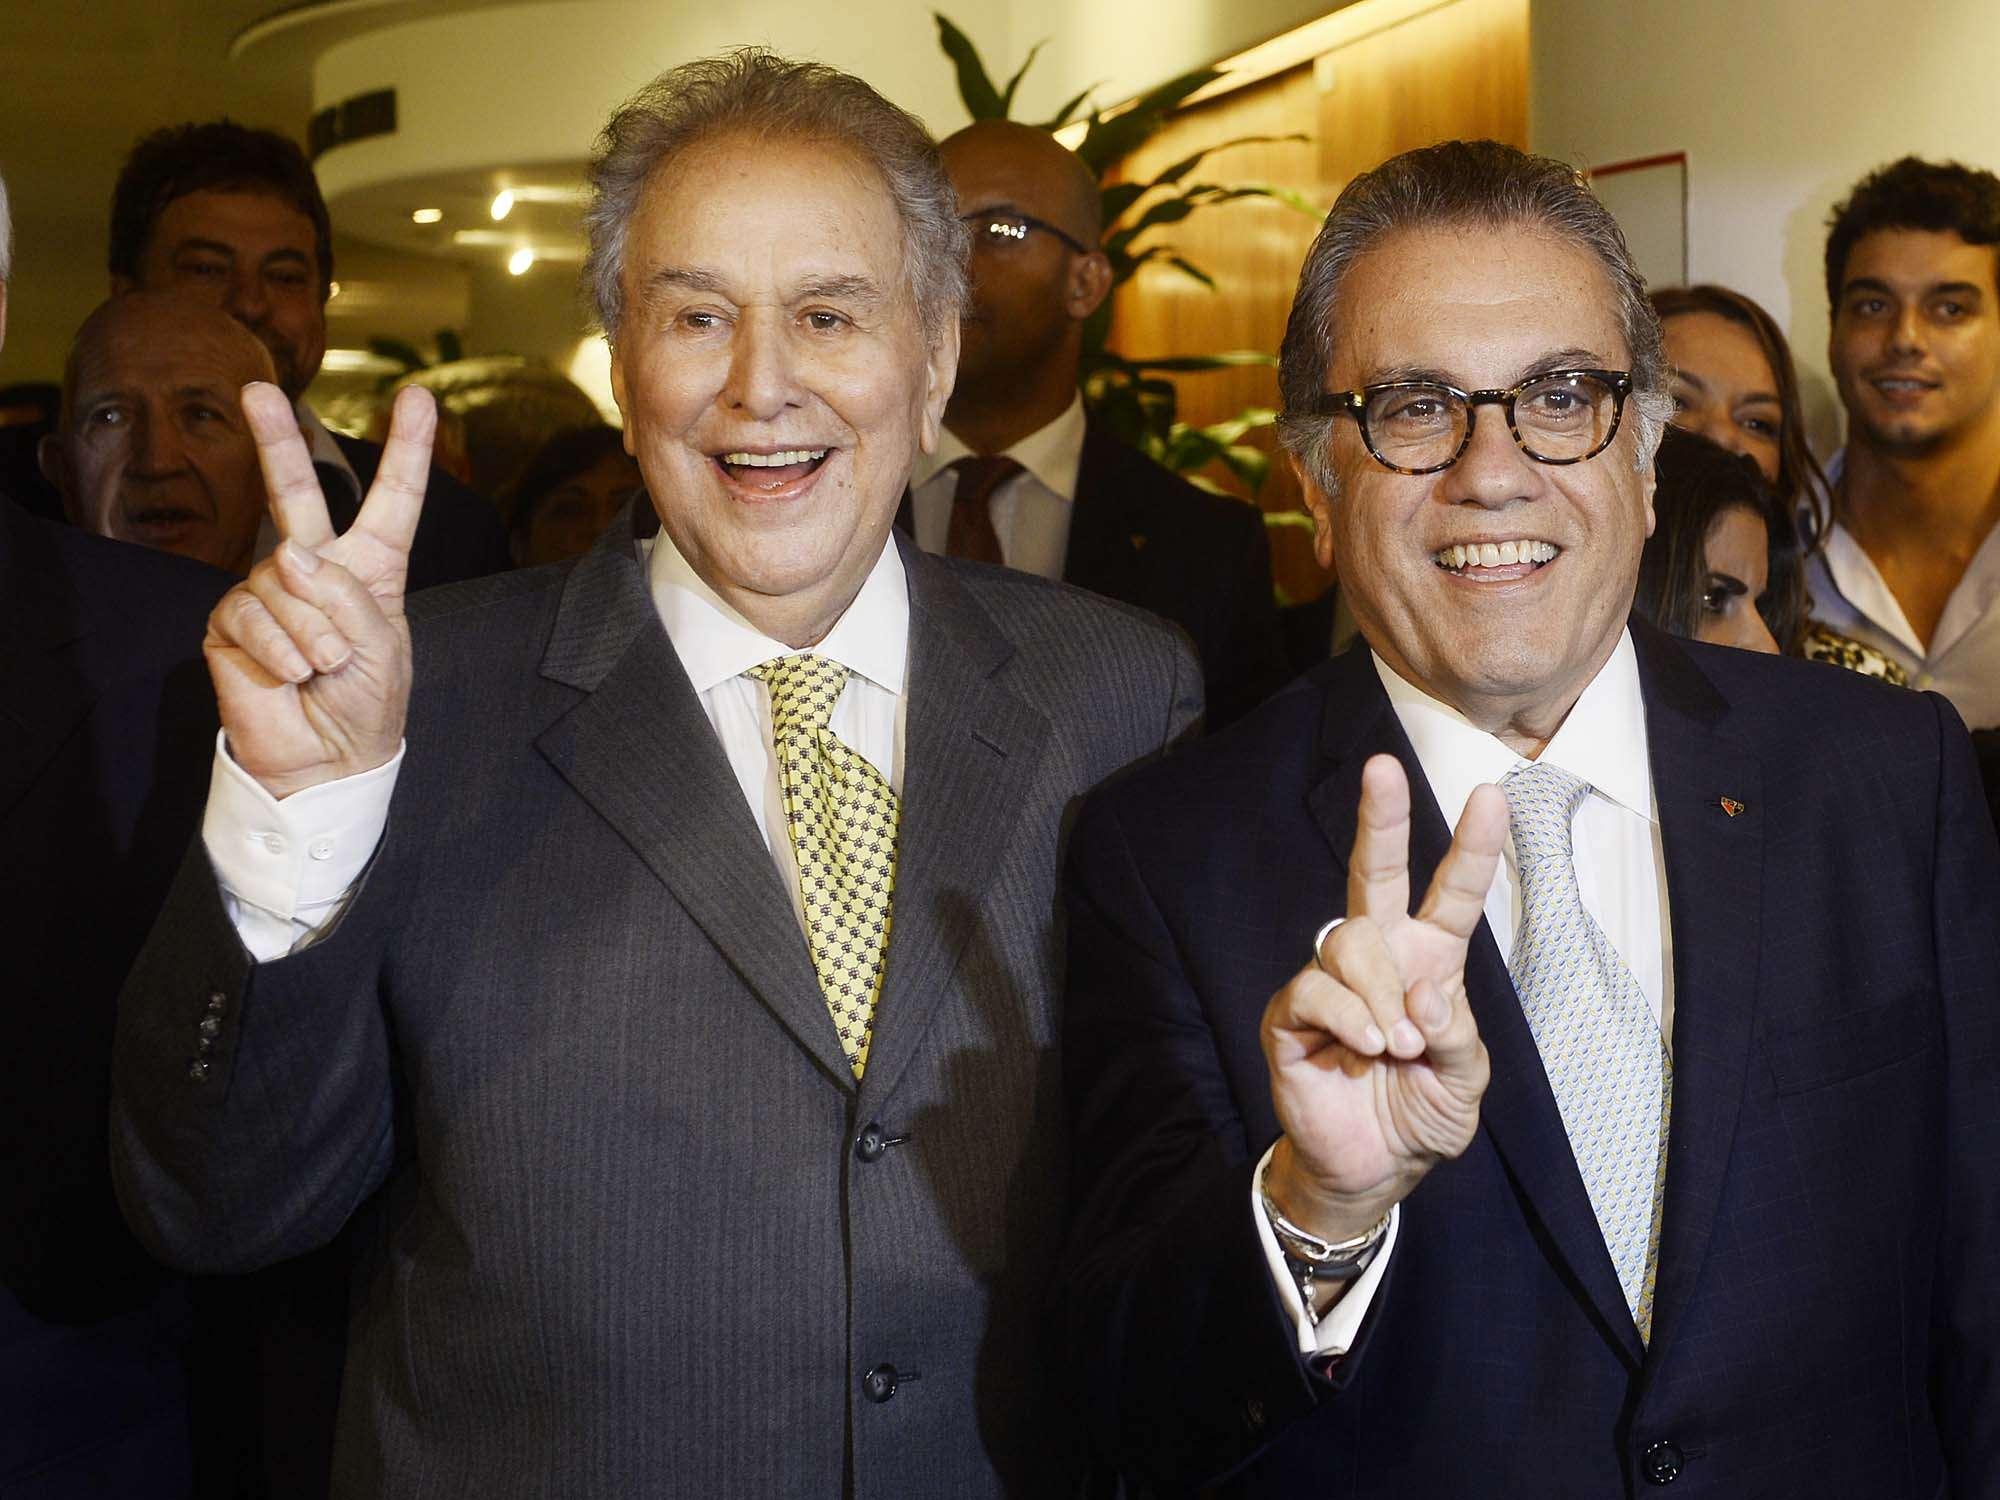 Carlos Miguel Aidar (à dir.) foi aclamado, na noite desta quarta-feira, presidente do São Paulo pelos próximos três anos, em substituição a Juvenal Juvênio; veja fotos da eleição no Morumbi Foto: Ricardo Matsukawa/Terra